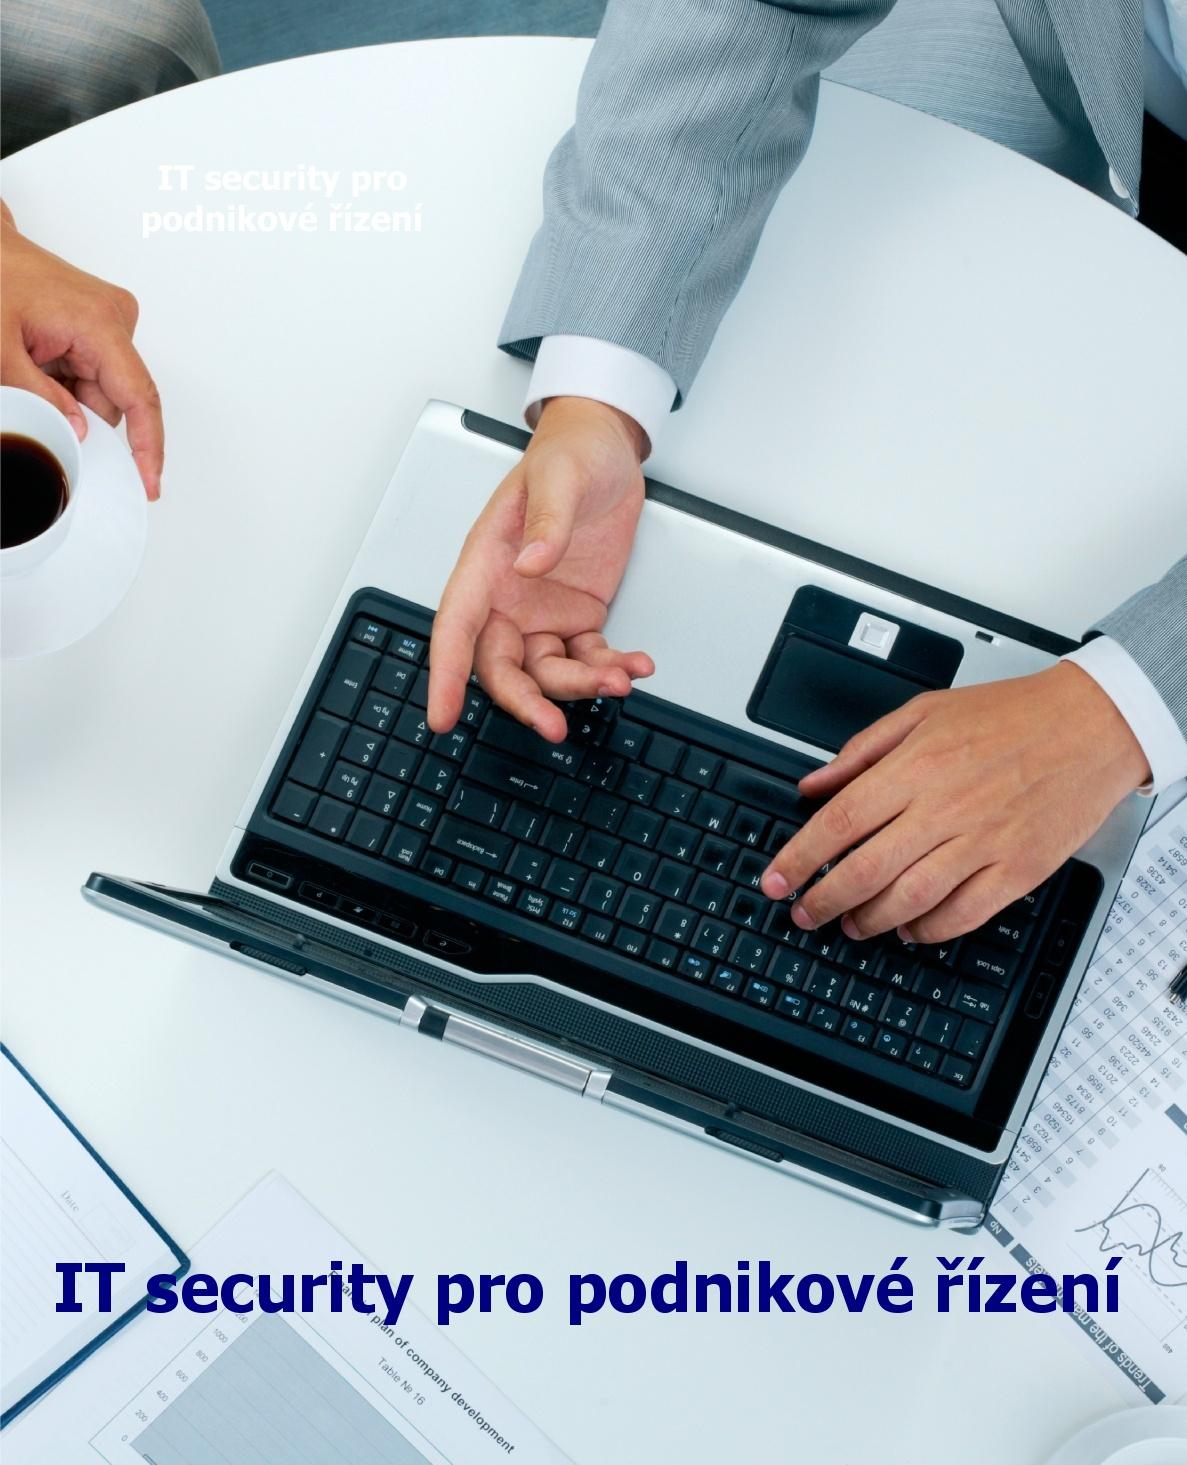 IT security pro podnikové řízení